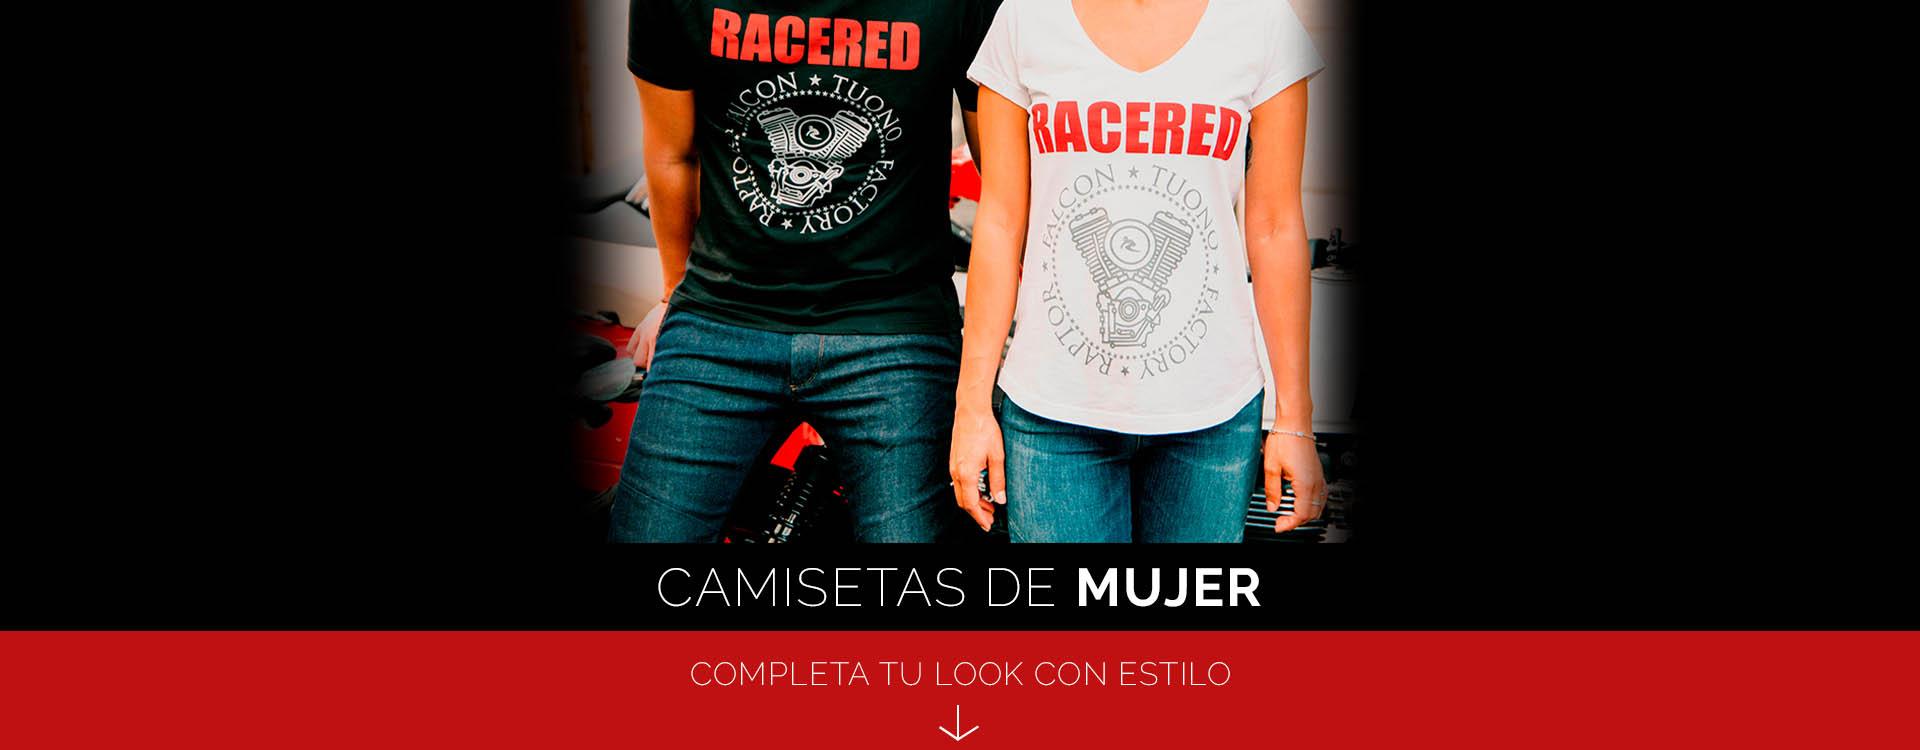 Camisetas-de-moto-de-mujer